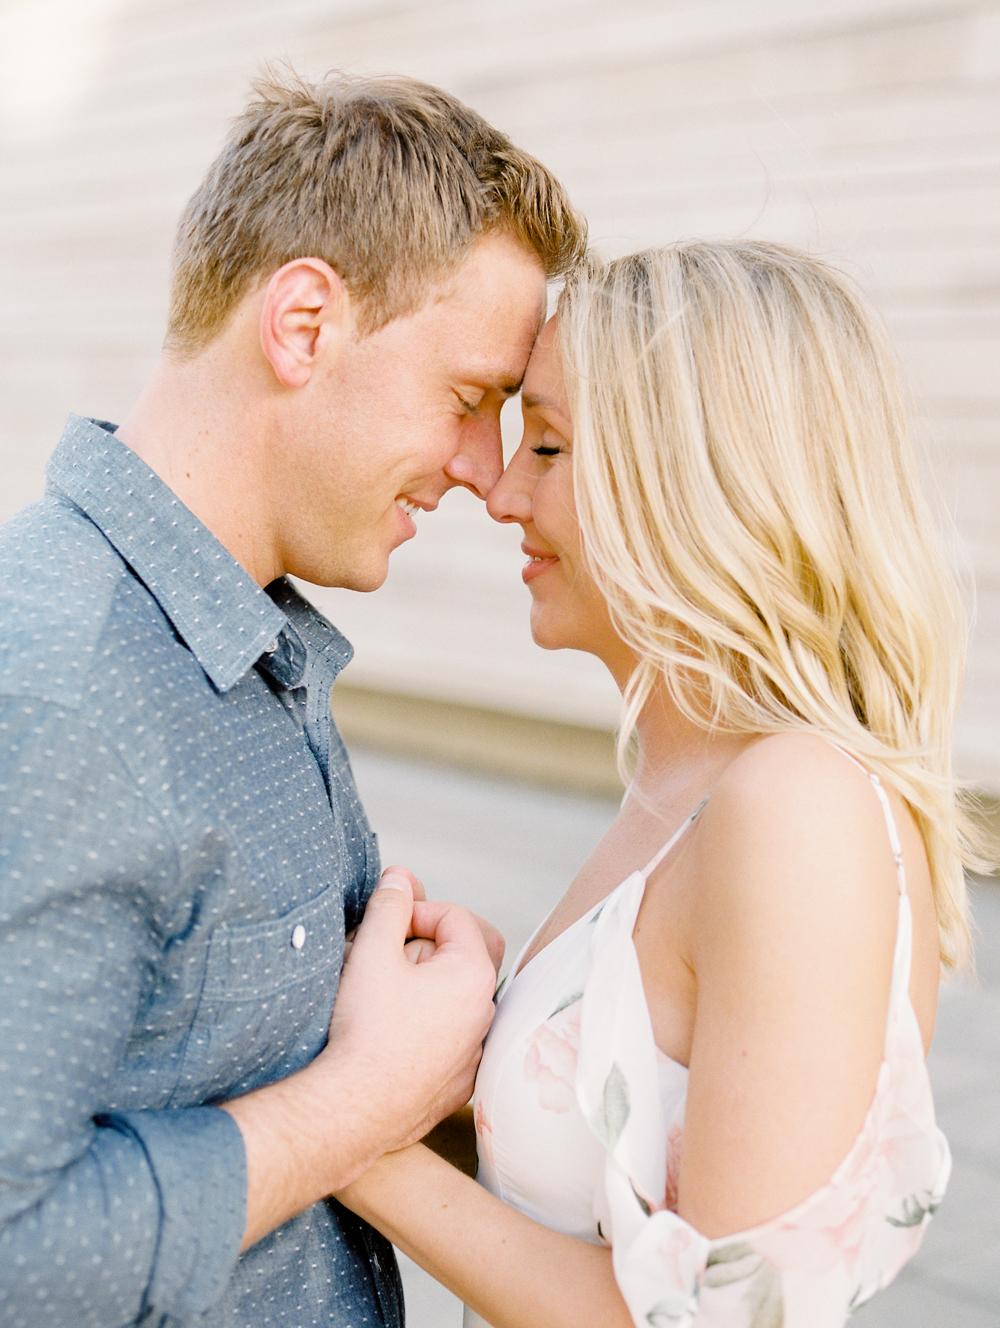 Best-Austin-Denver-California-Wedding-Photographers-fine-art-film-Engagement-Session-32.jpg